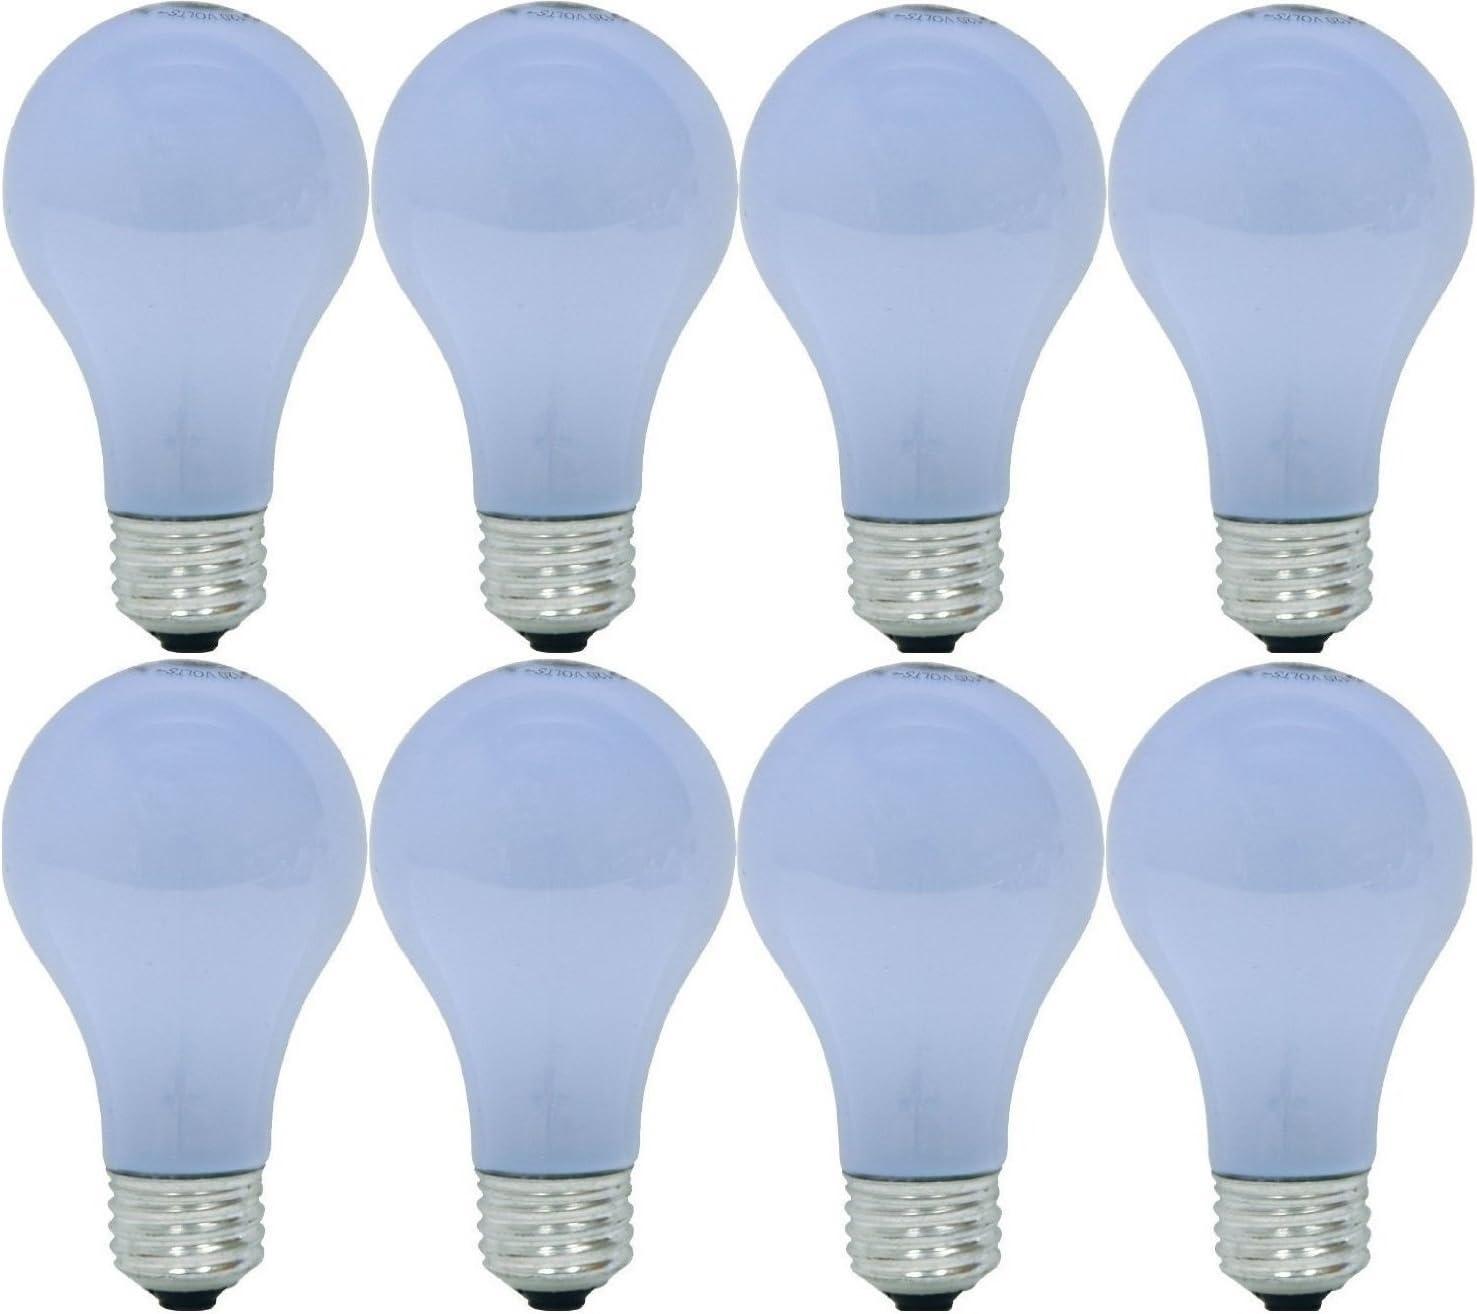 GE Lighting 67770 Reveal 43-Watt (60-Watt Replacement) 565-Lumen A19 Light Bulb with Medium Base, 8-Pack